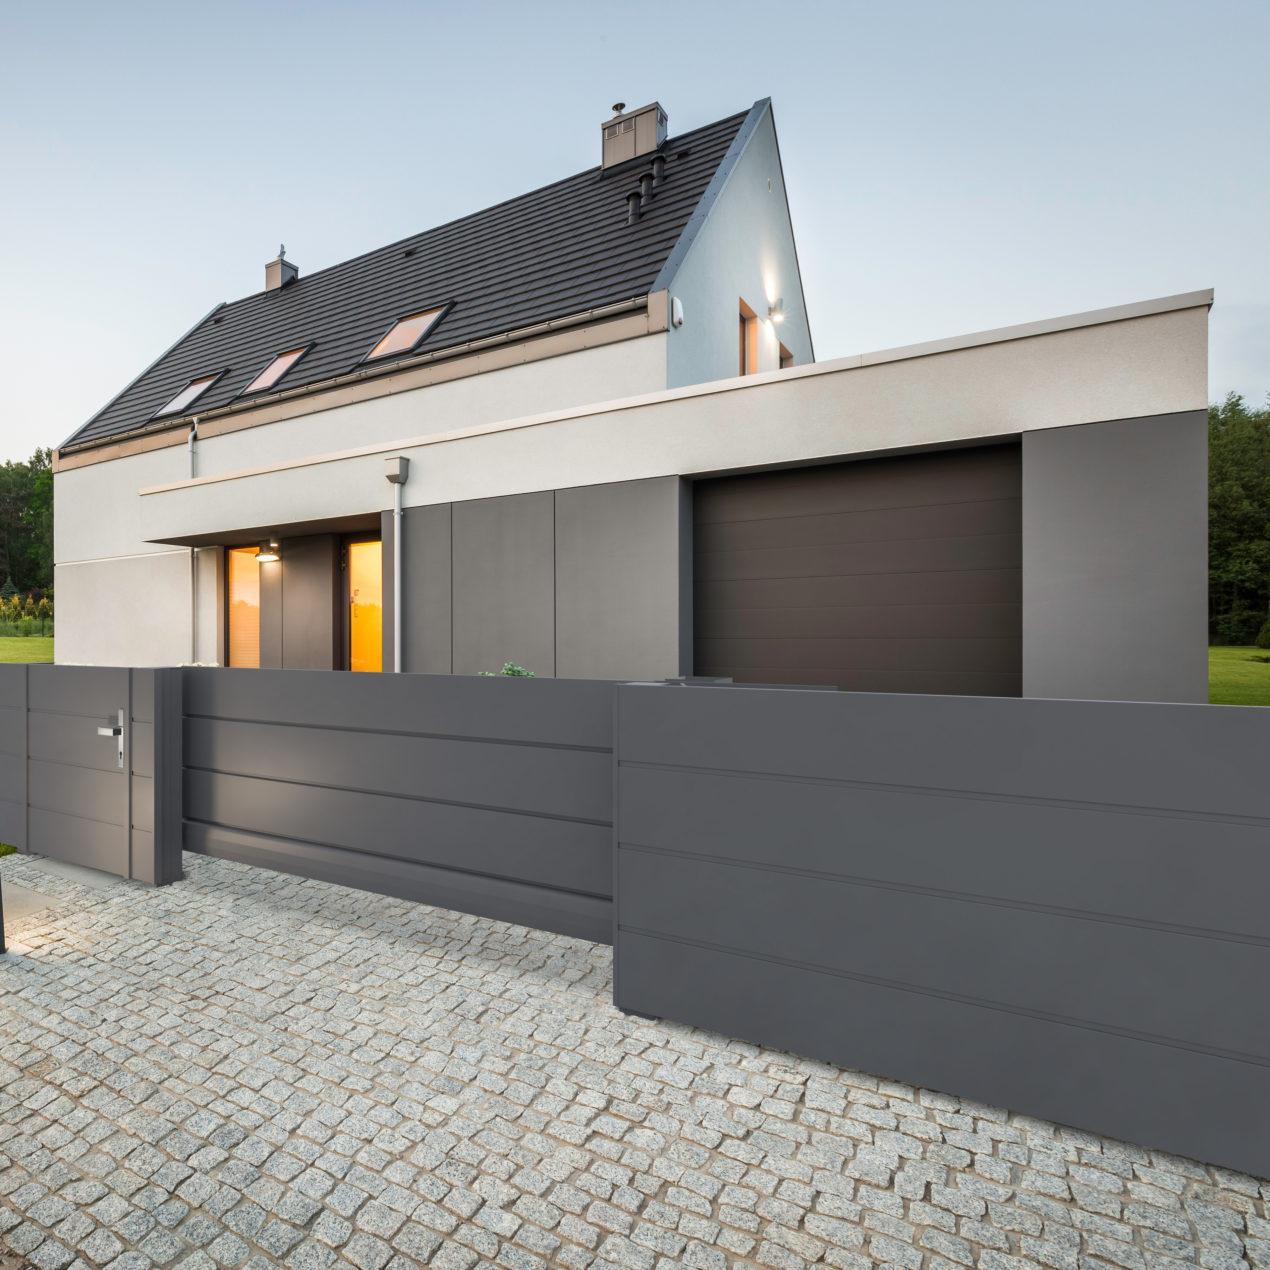 Sichtschutzzaun und Tor vom Modell Vista in anthrazit, im Hintergrund ein Haus in gleicher Farbe